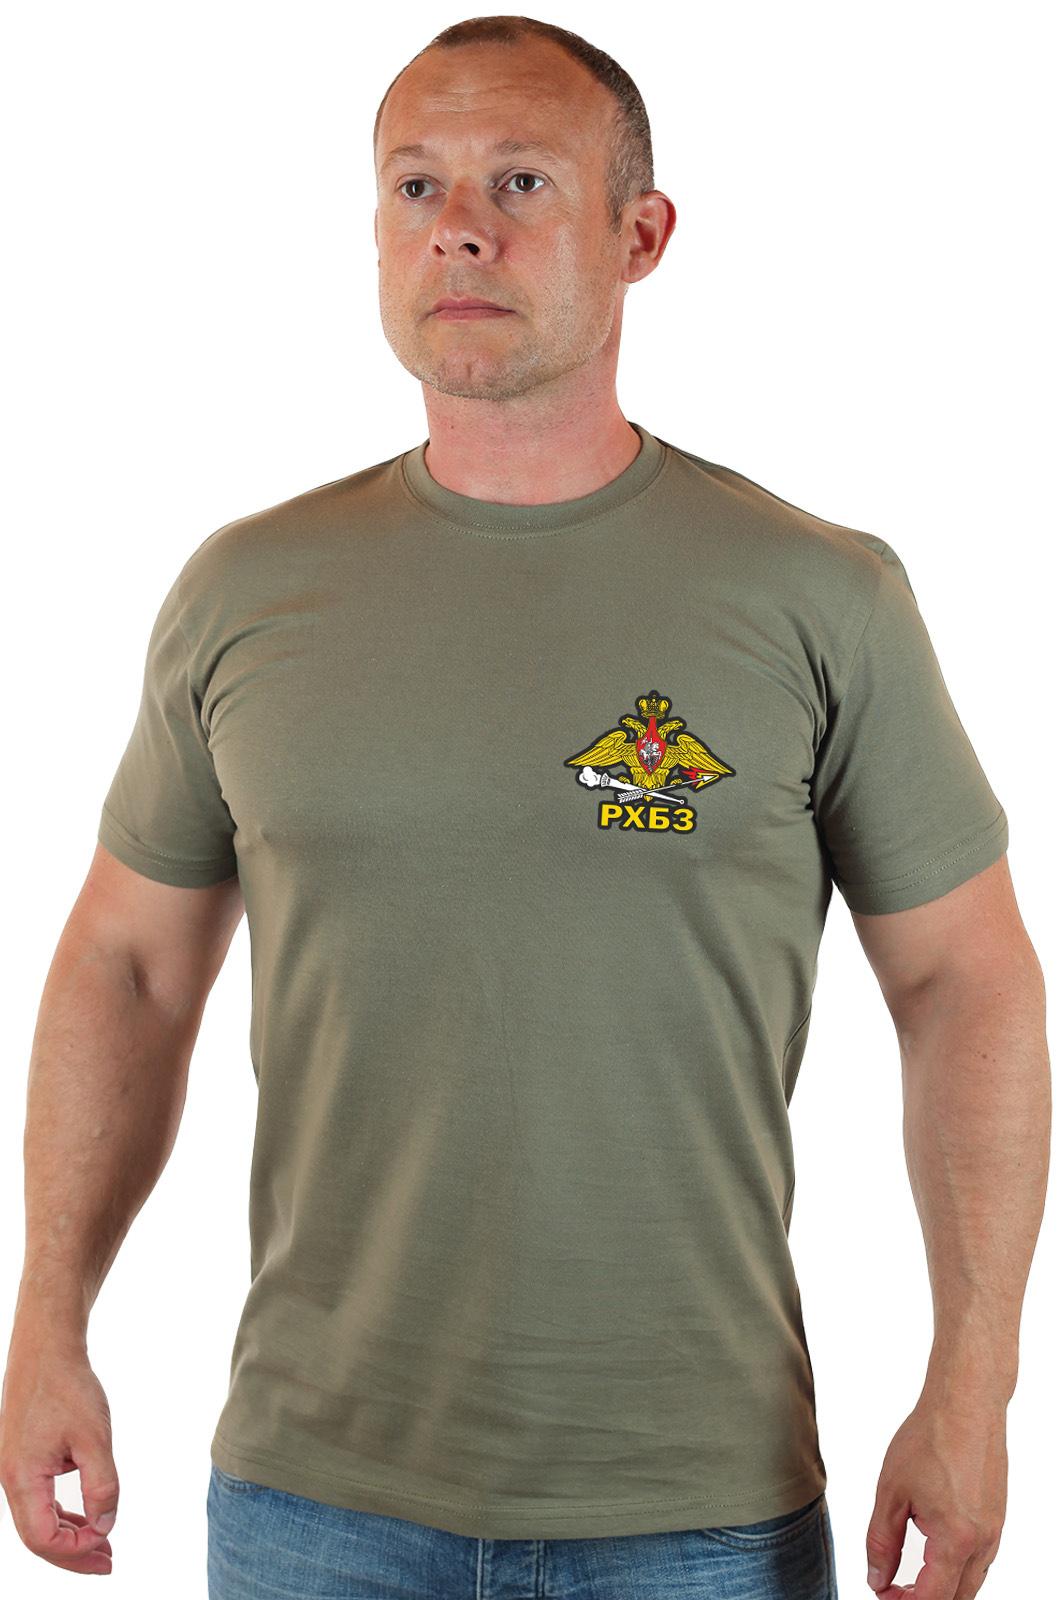 Купить крутую оливковую футболку РХБЗ оптом или в розницу